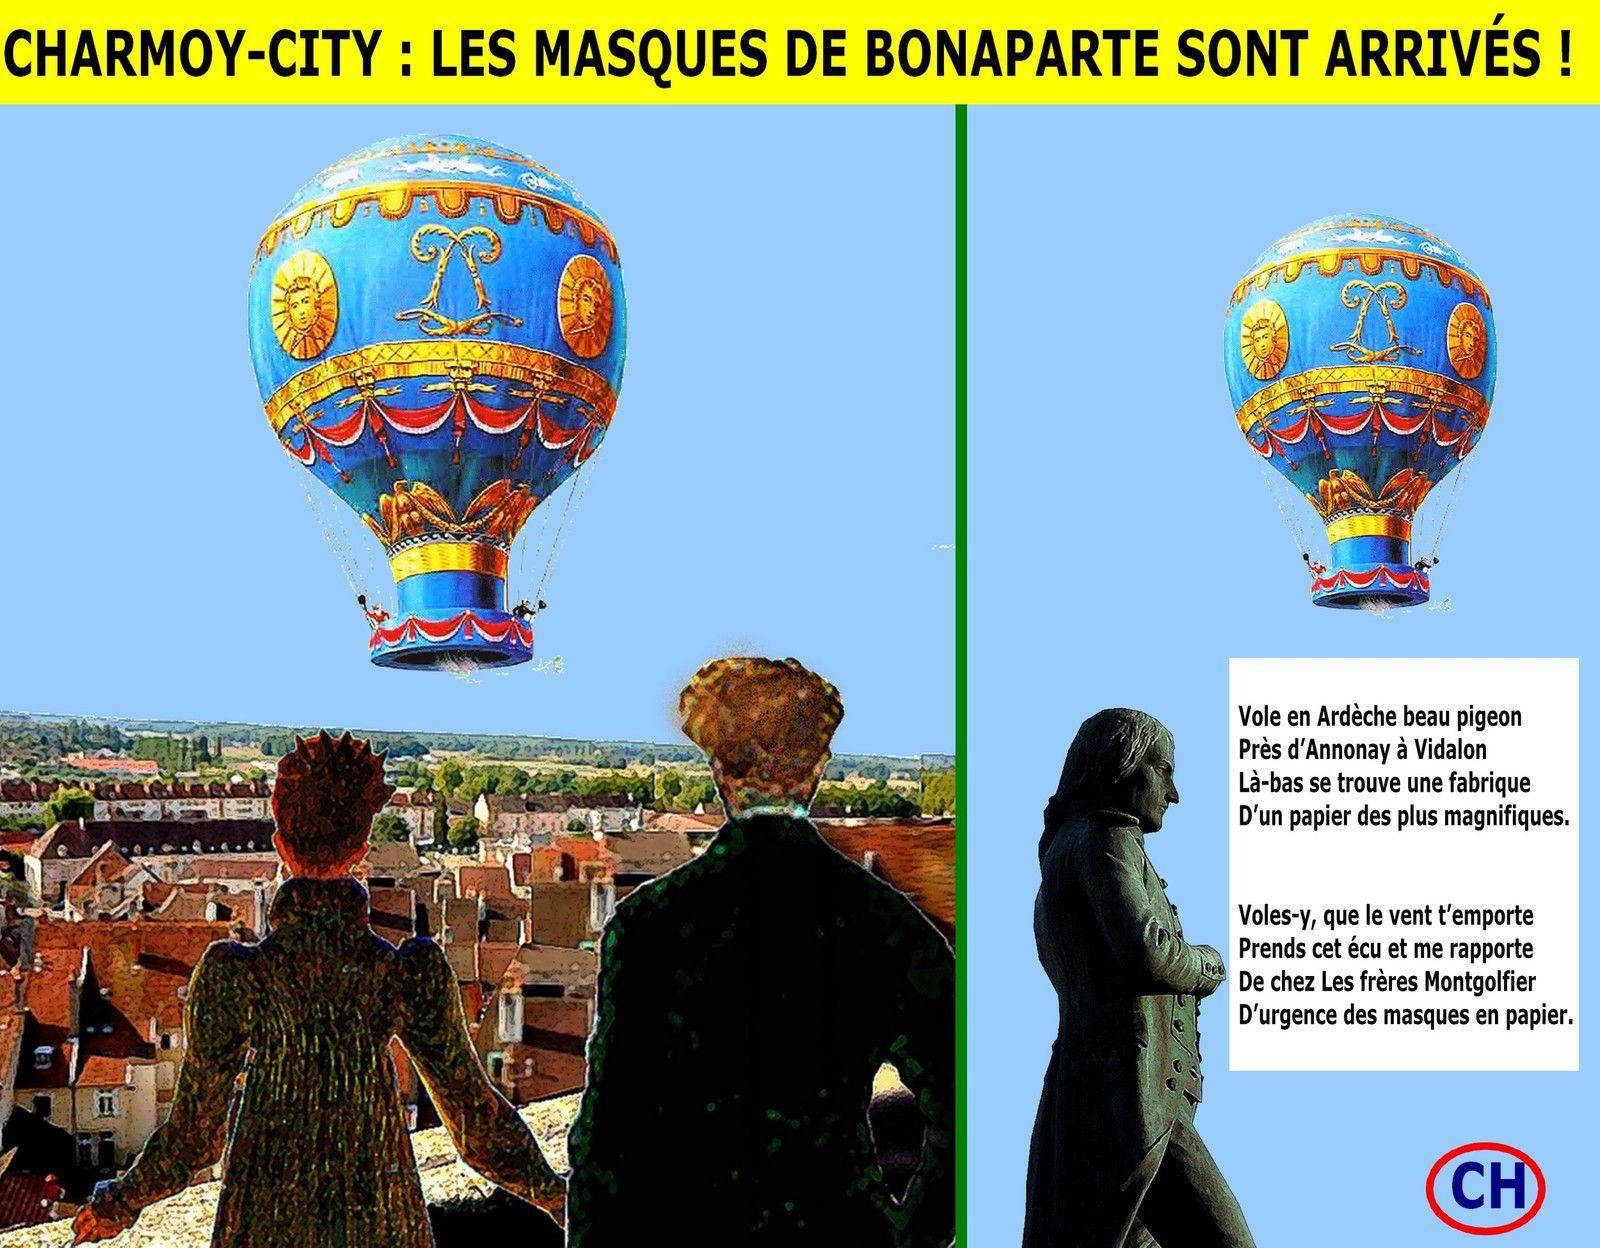 Charmoy-City, les masques de Bonaparte sont arrivés.jpg